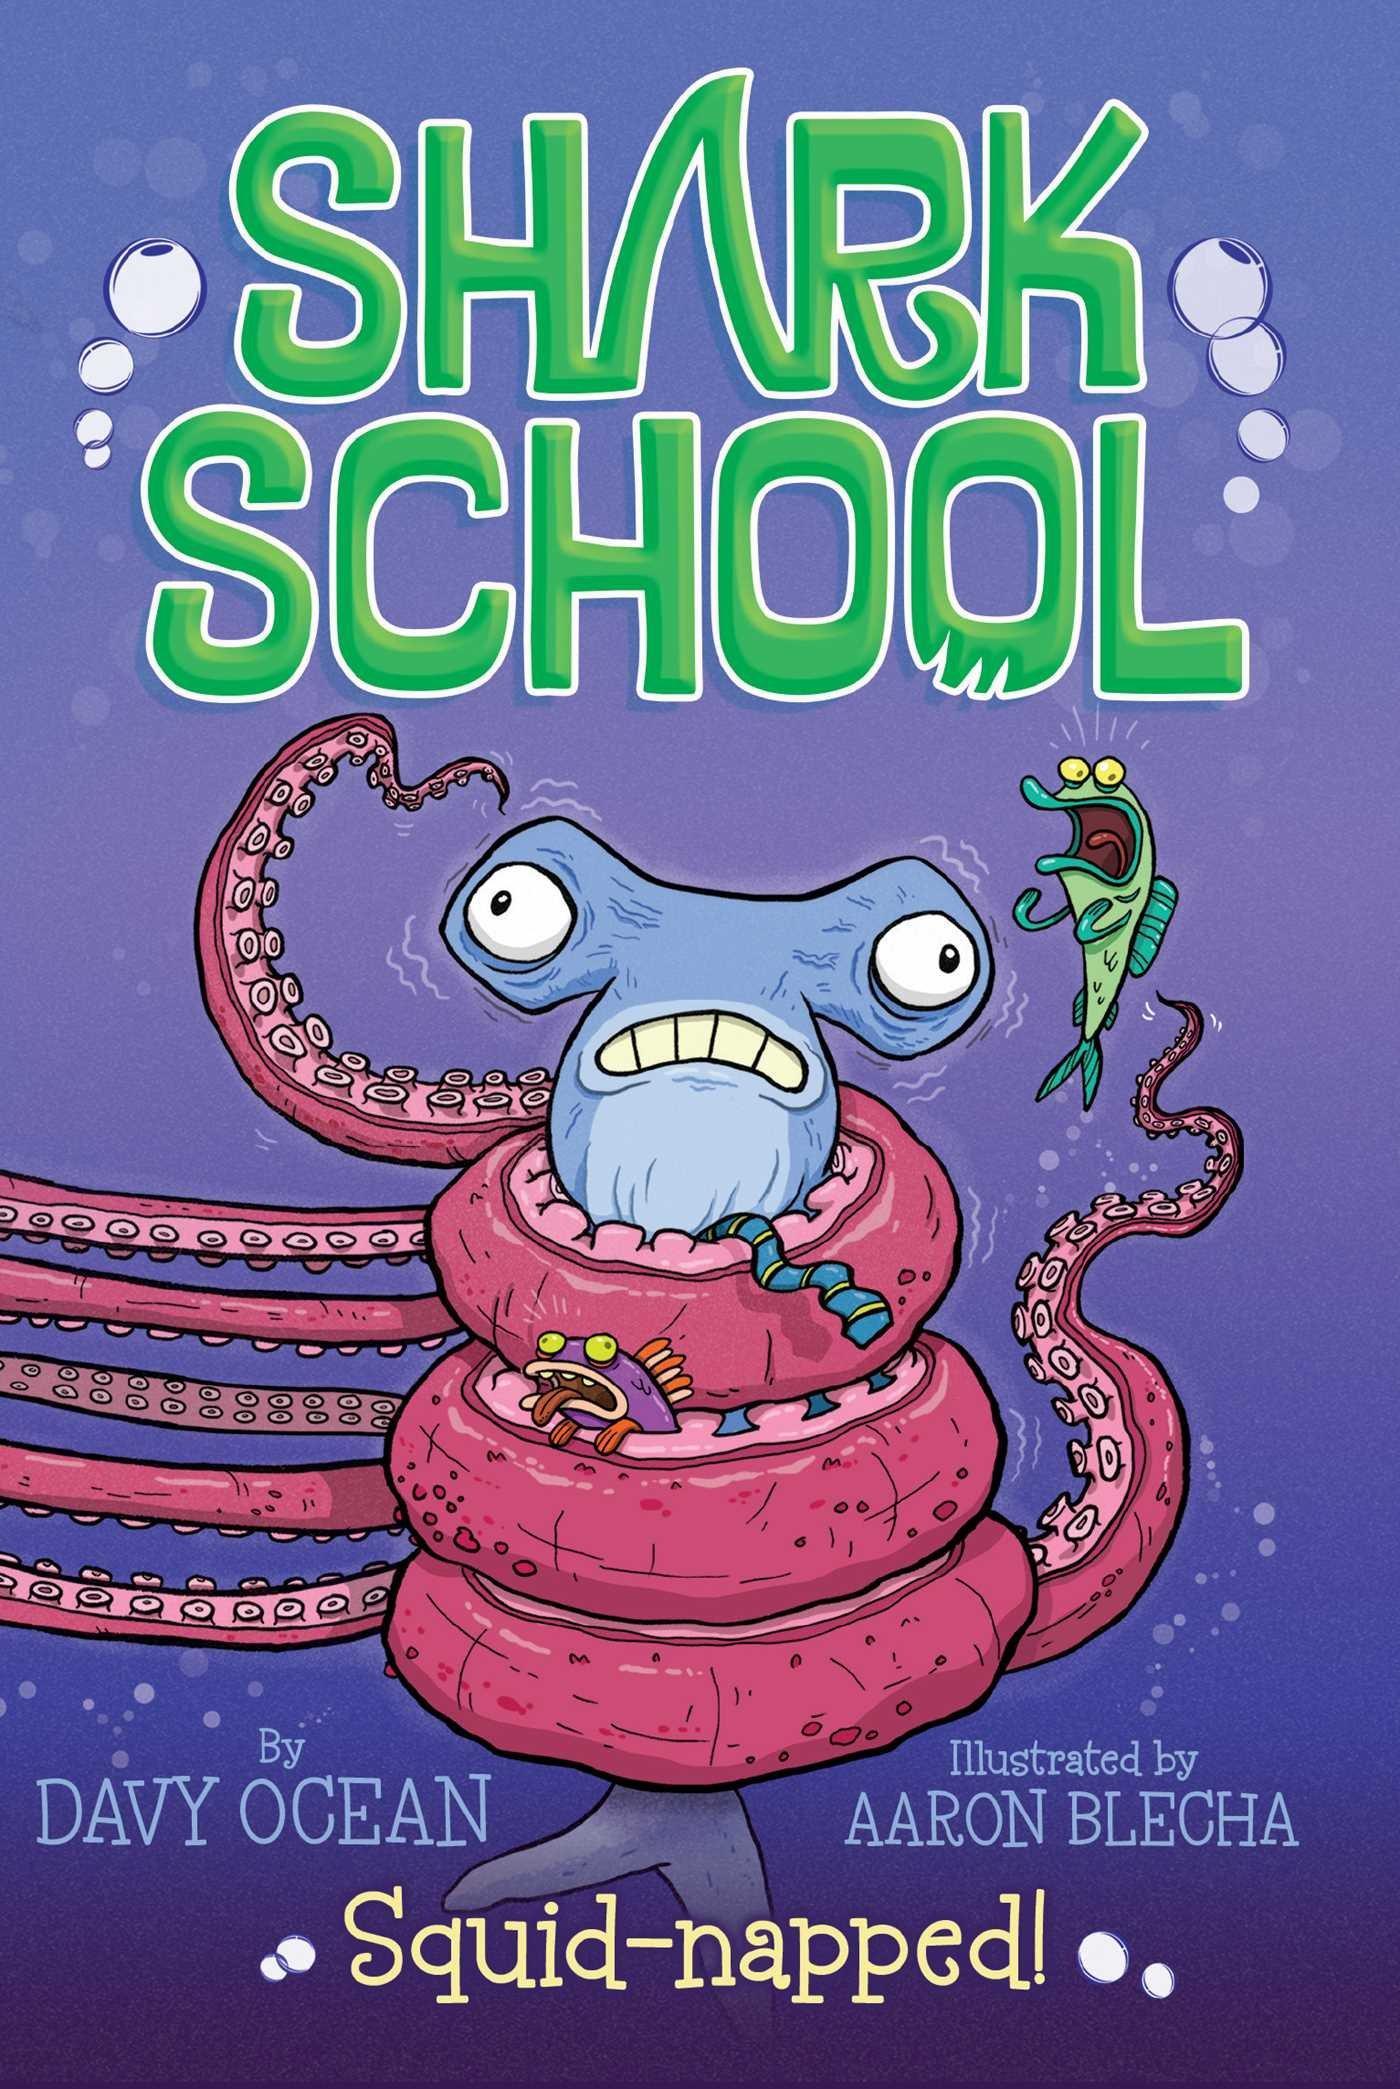 Amazon: Squidnapped! (shark School) (9781481406840): Davy Ocean, Aaron  Blecha: Books